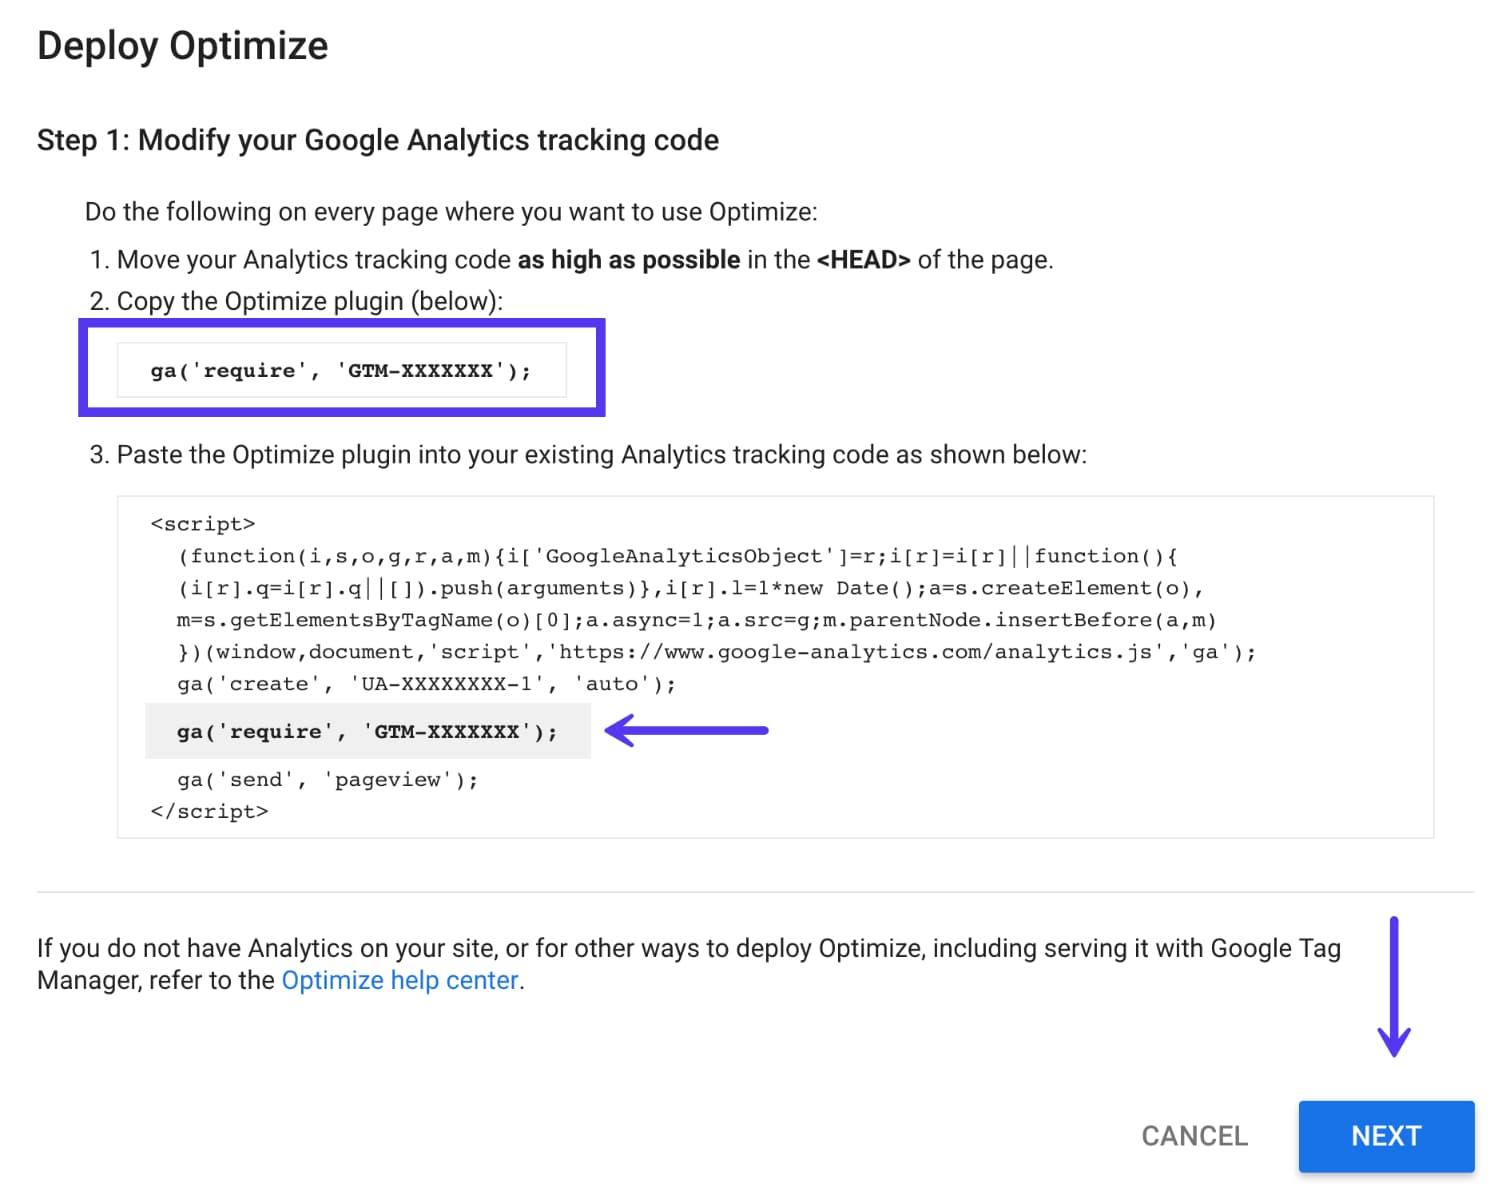 Lanzando el código Optimize